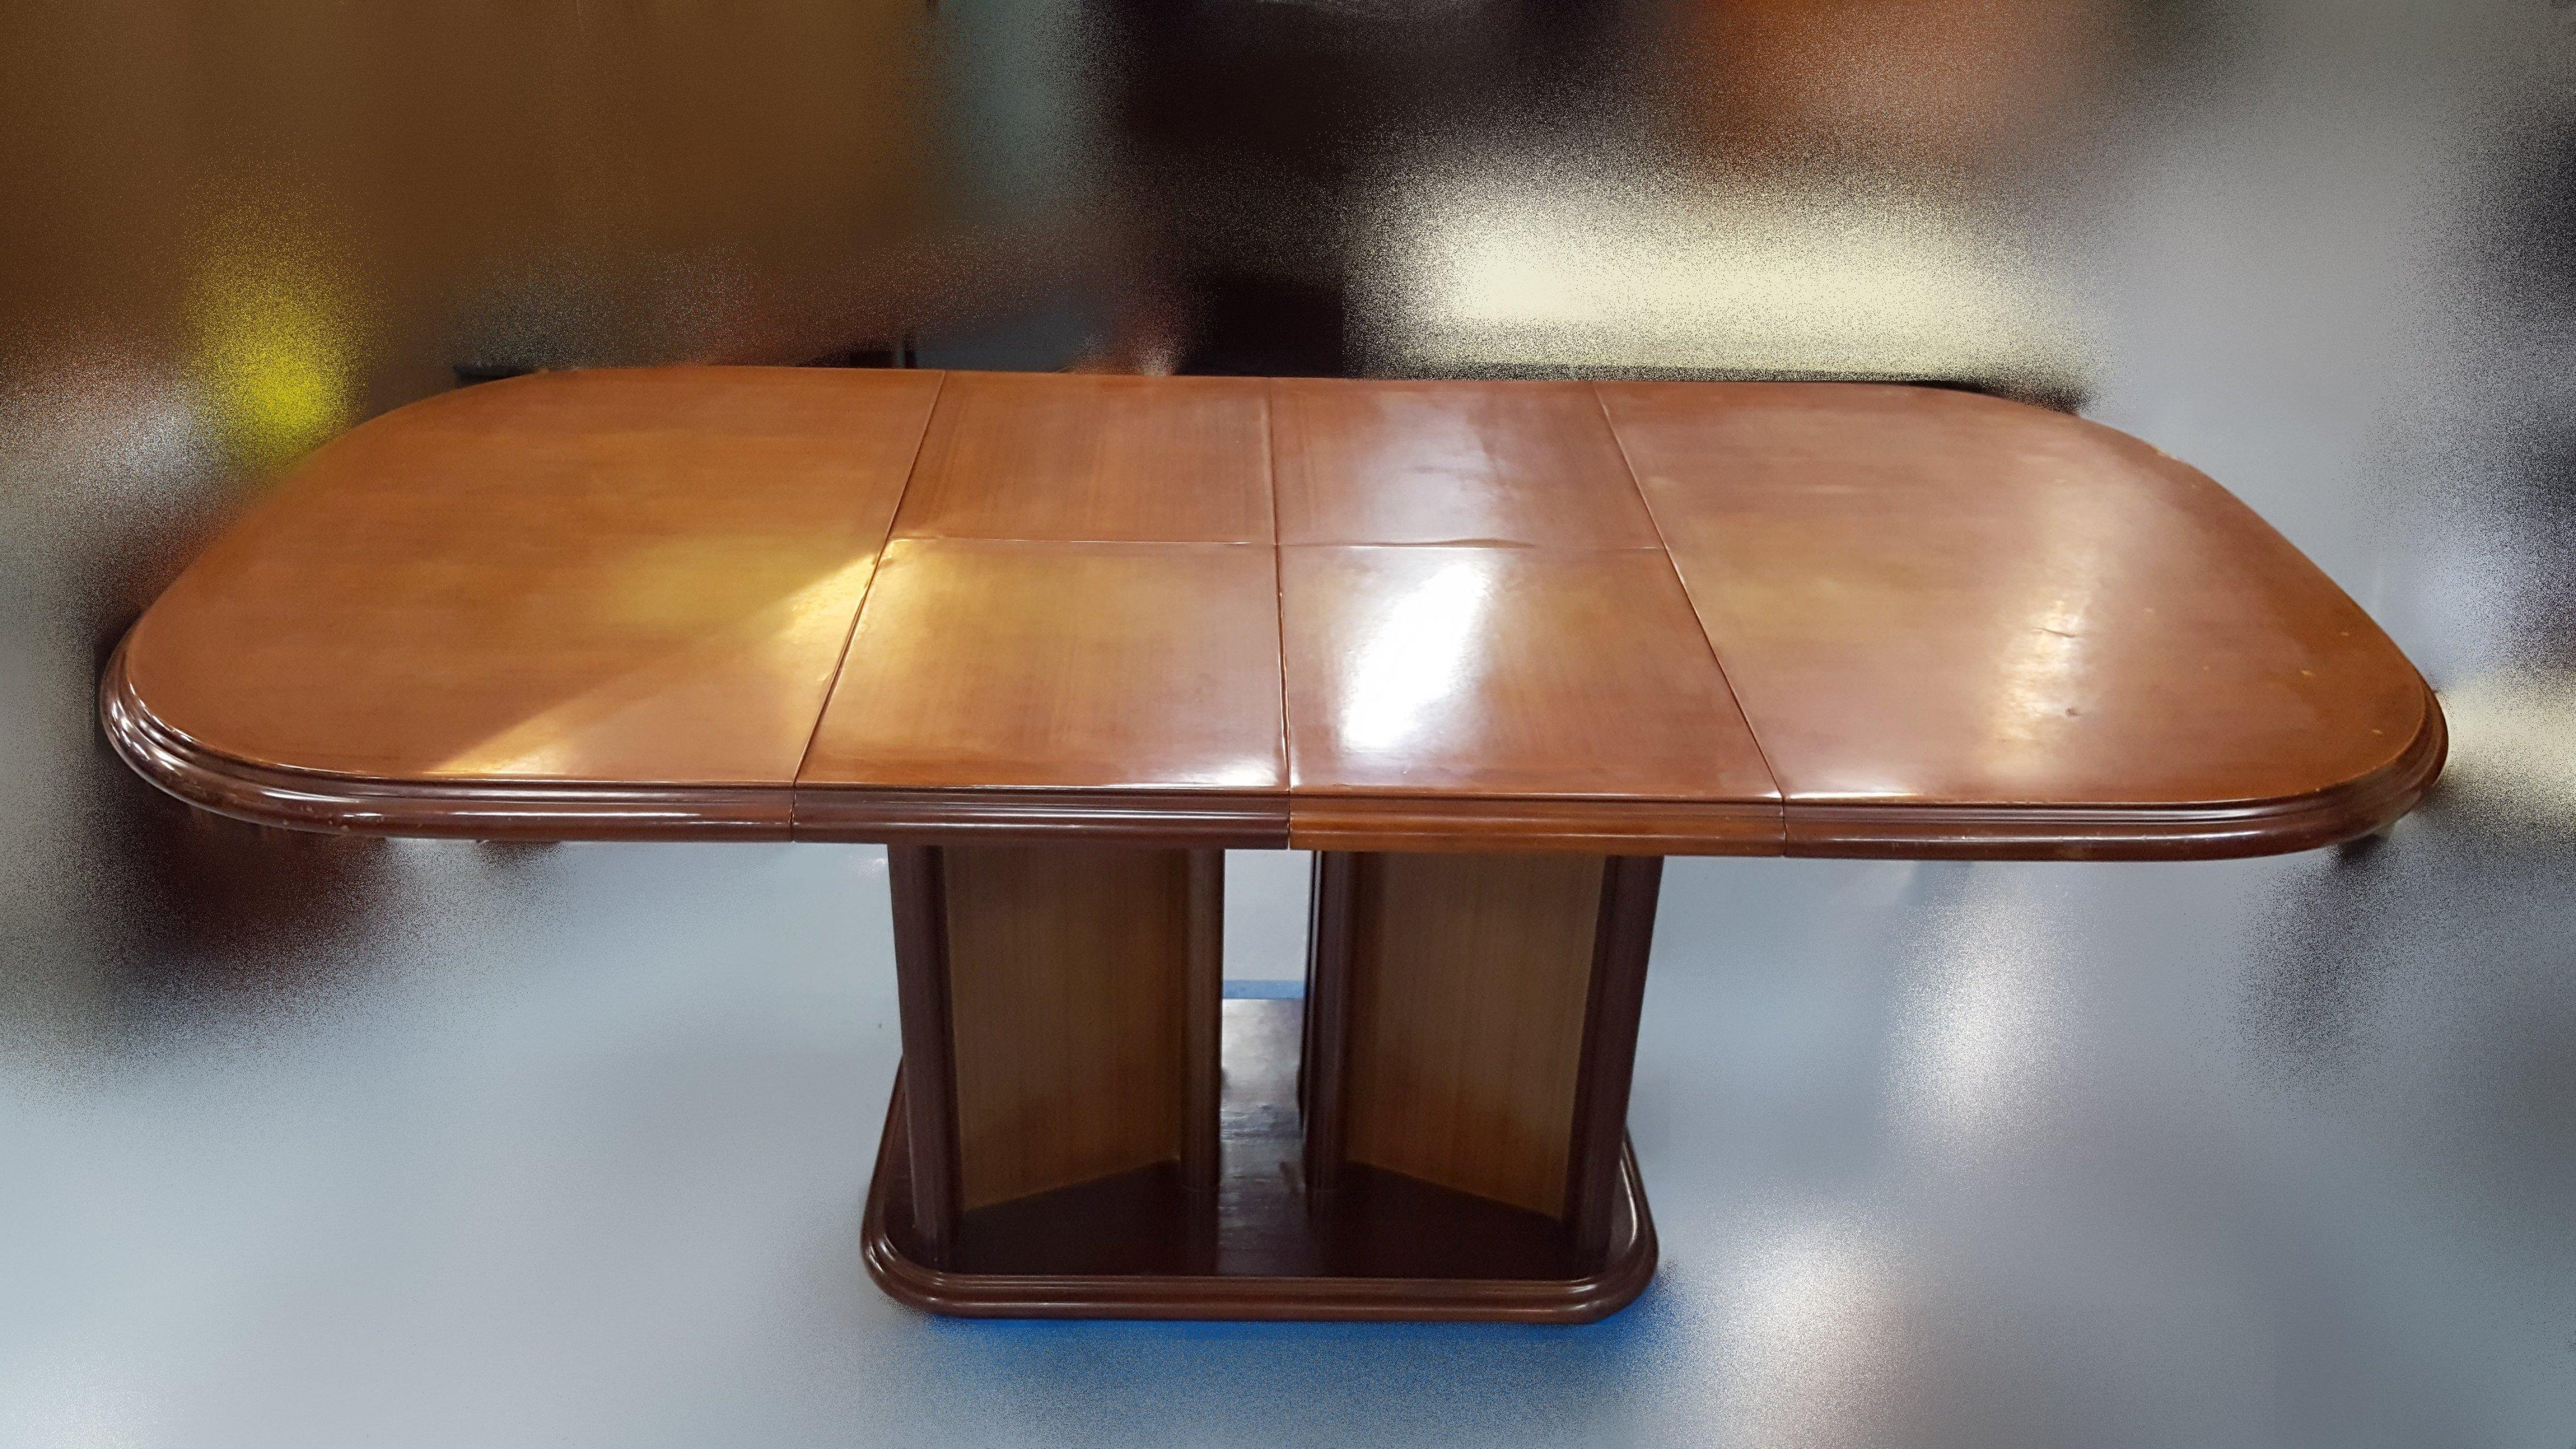 【宏品二手家具館】中古家具 家電E63008*木色餐桌*咖啡桌/會議桌/洽談桌/中古 書桌椅 會議桌椅 辦公桌椅